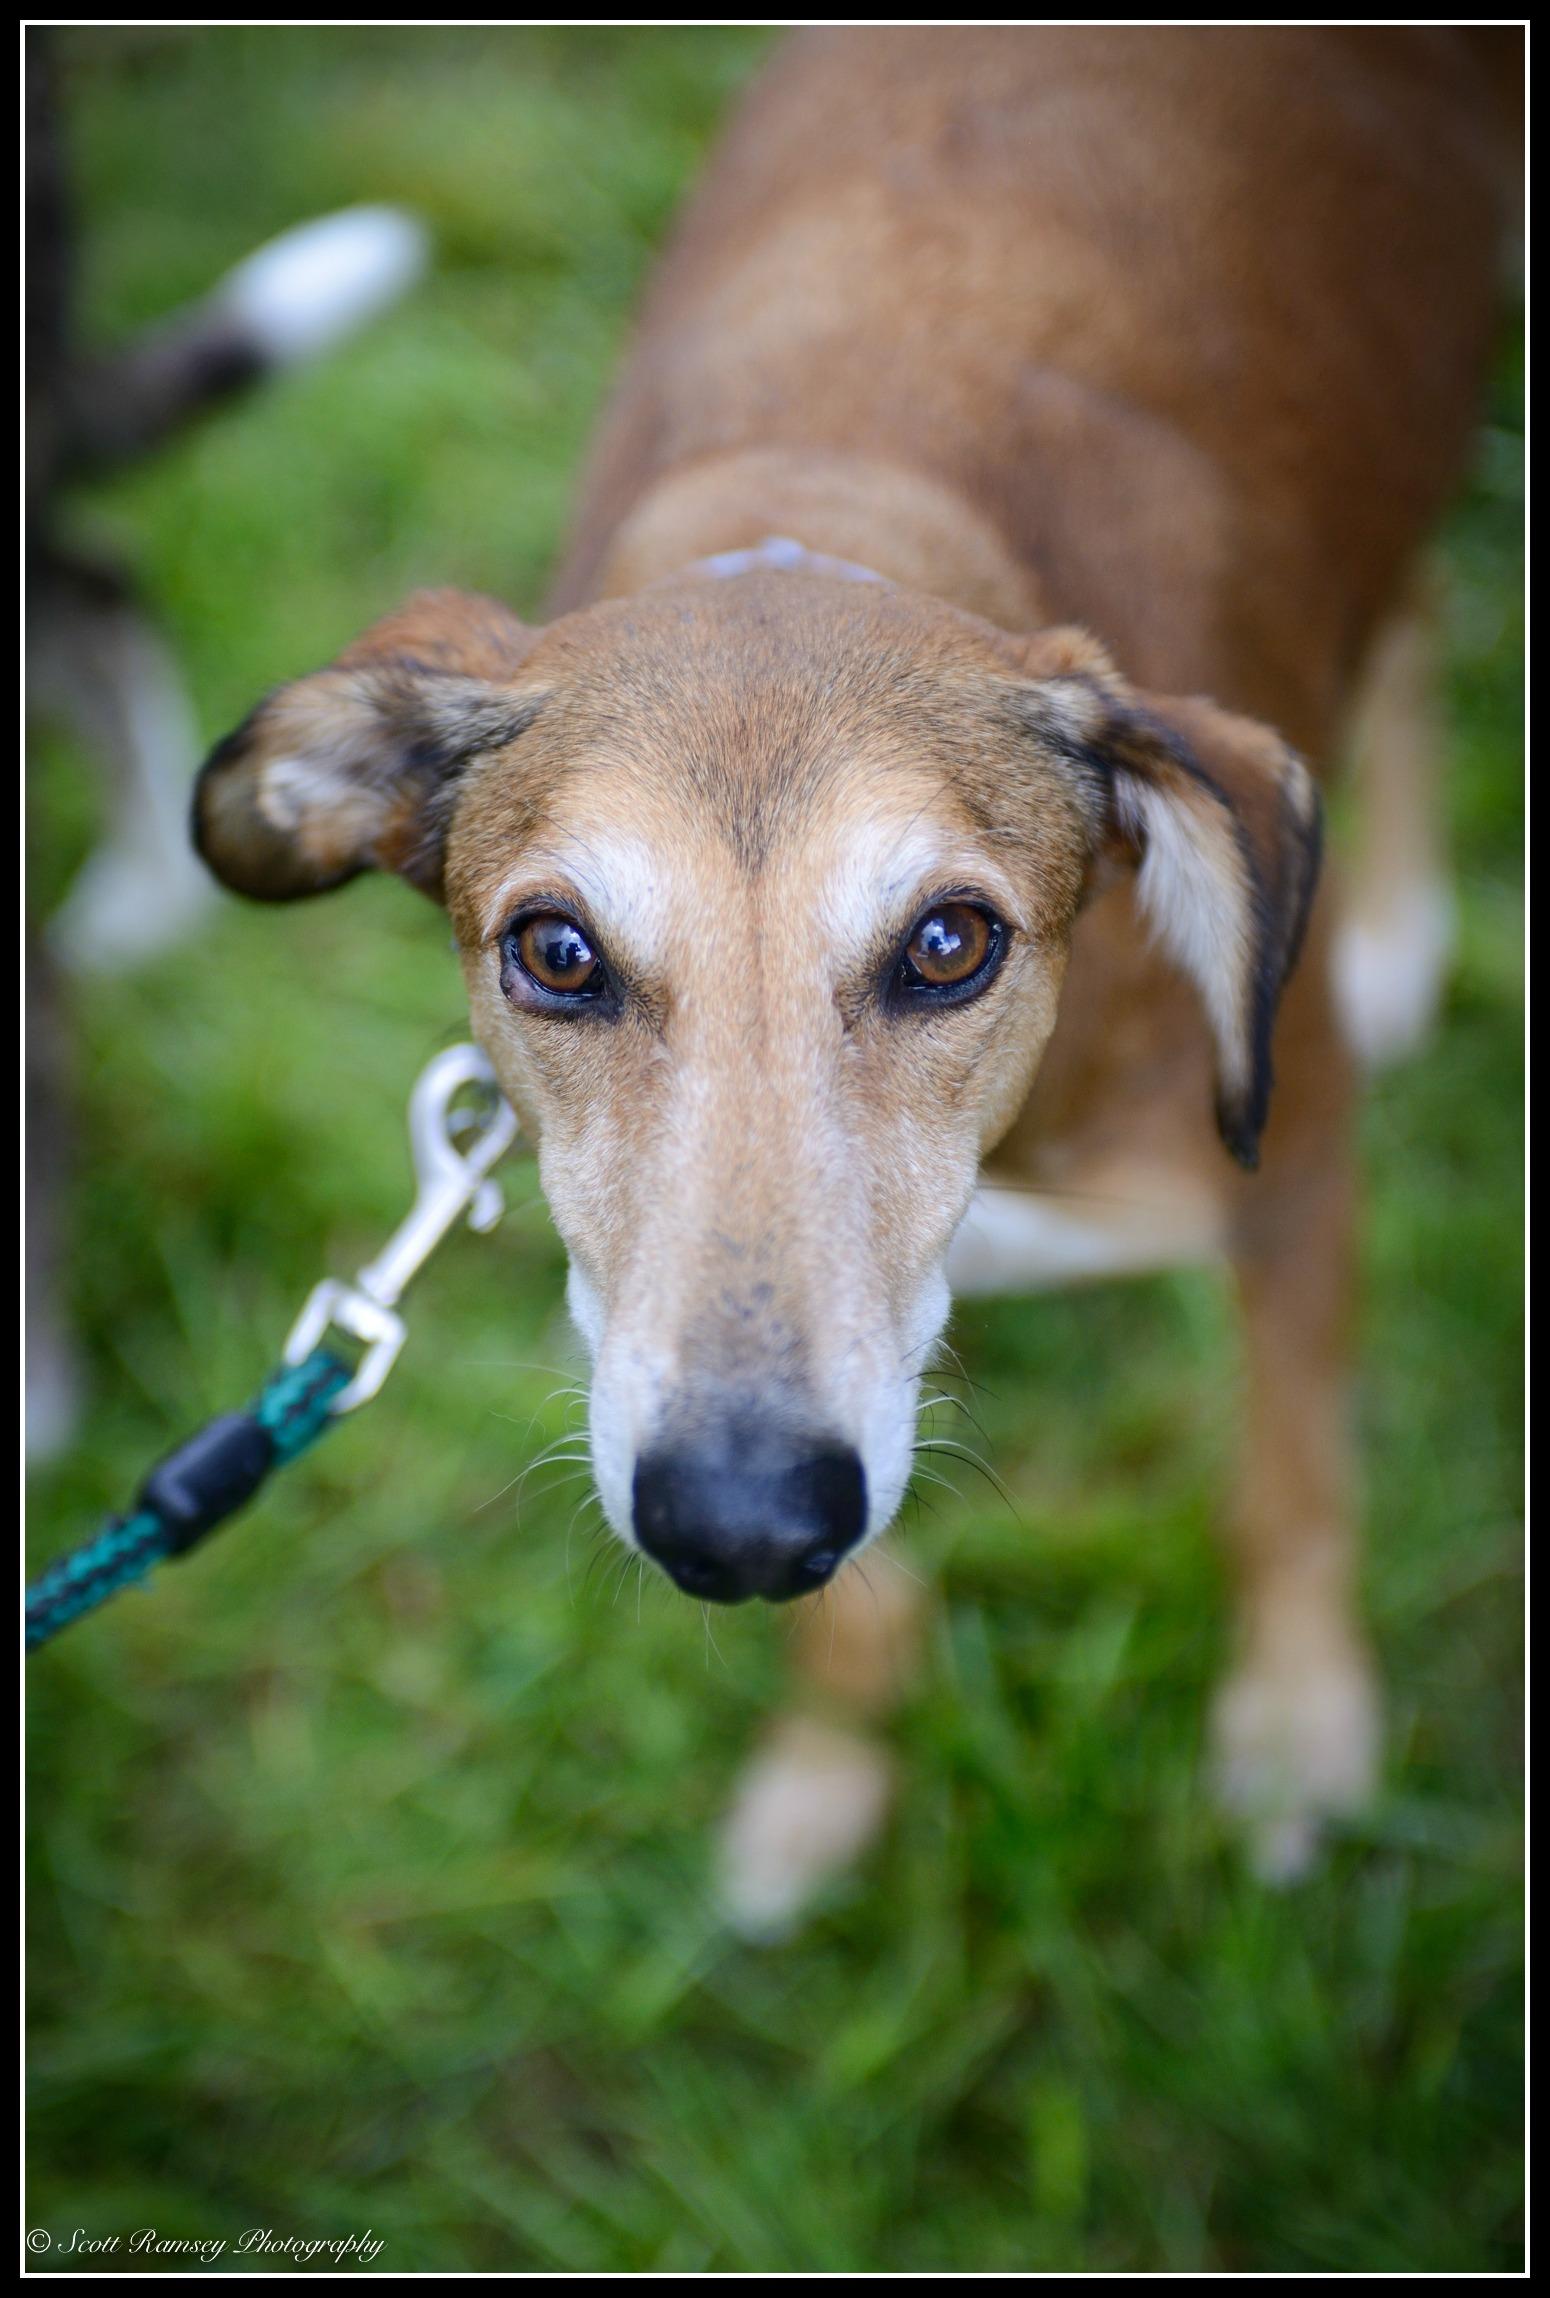 A lurcher dog called Little Prince Elmer.